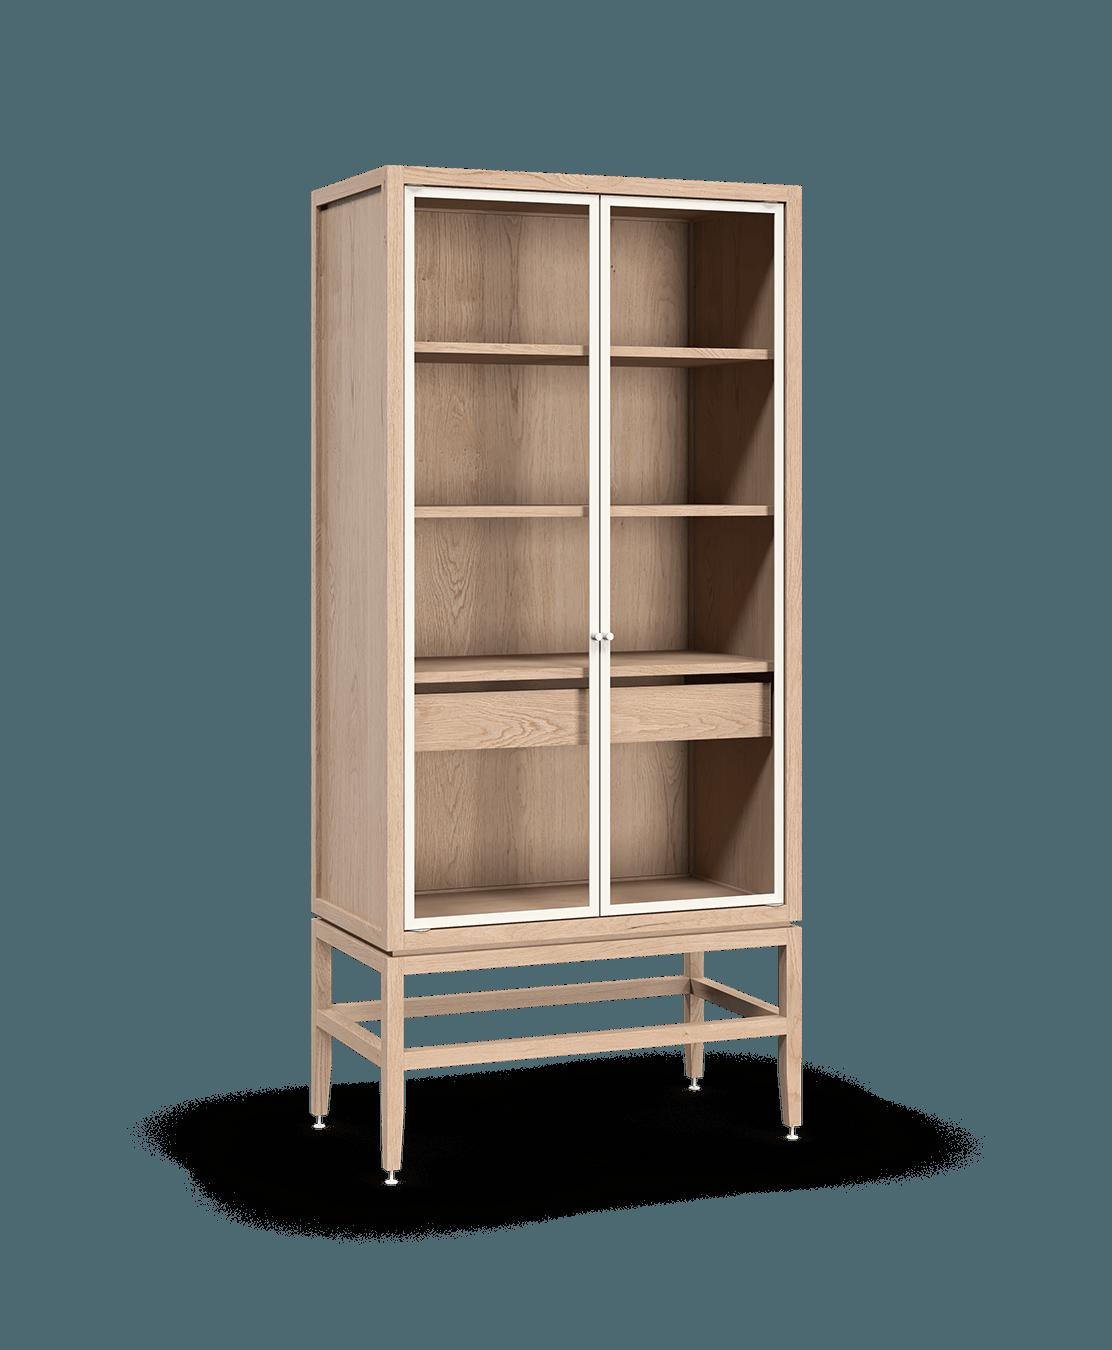 armoire vaisselier vitré modulaire de rangement en bois massif coquo volitare avec 2 portes verre chêne blanc 33 pouces C2-D-3318-1203-NA